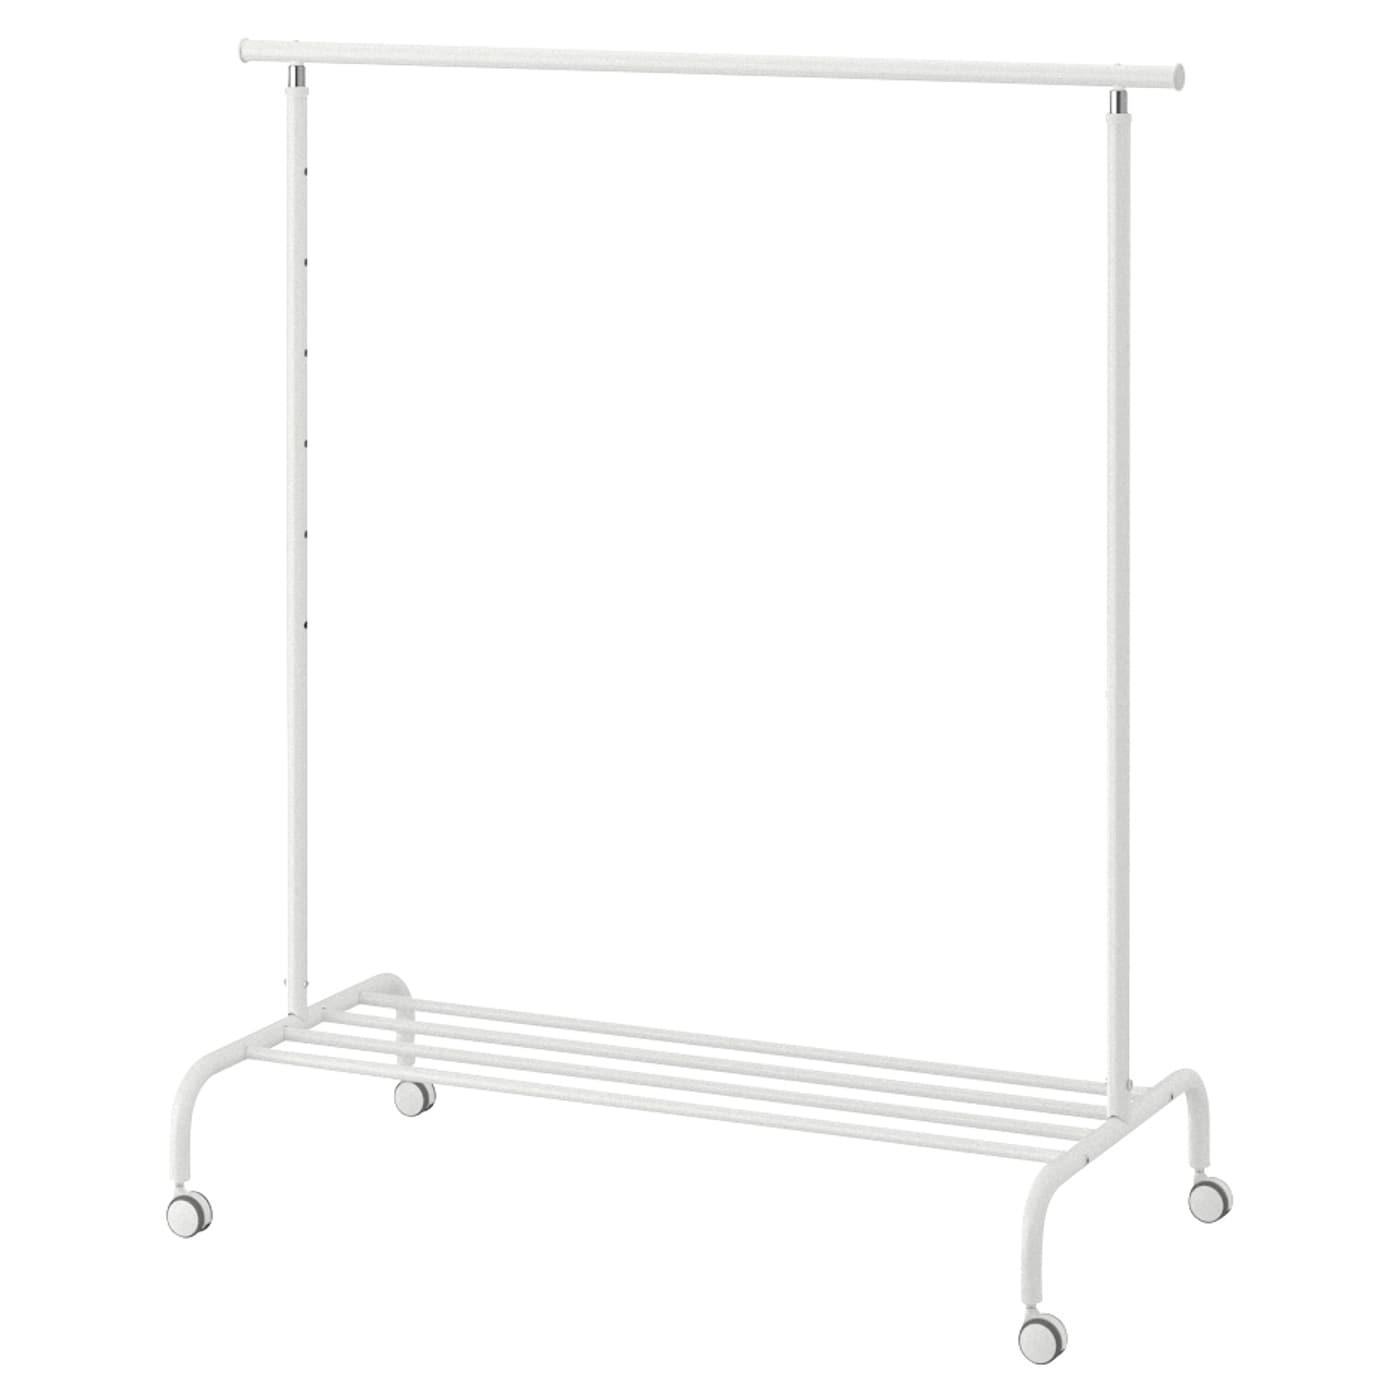 RIGGA Klesstativ hvit IKEA